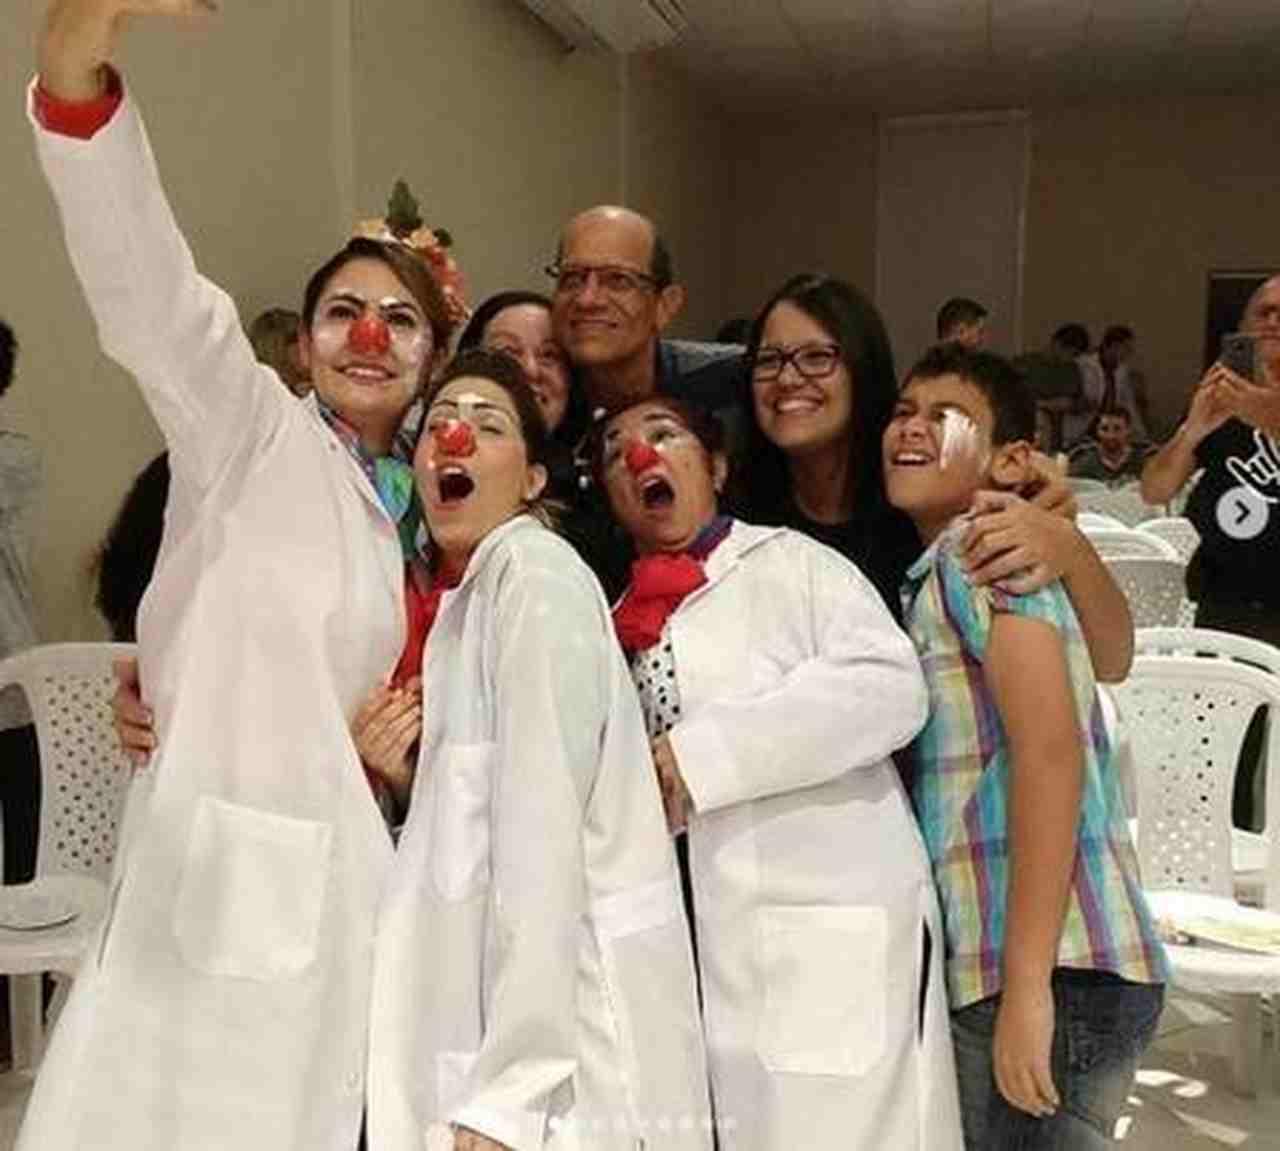 Mulher de Bolsonaro, Michele e amigos em comemoração a formatura em curso de palhaçaria | Foto: Reprodução/Instagram